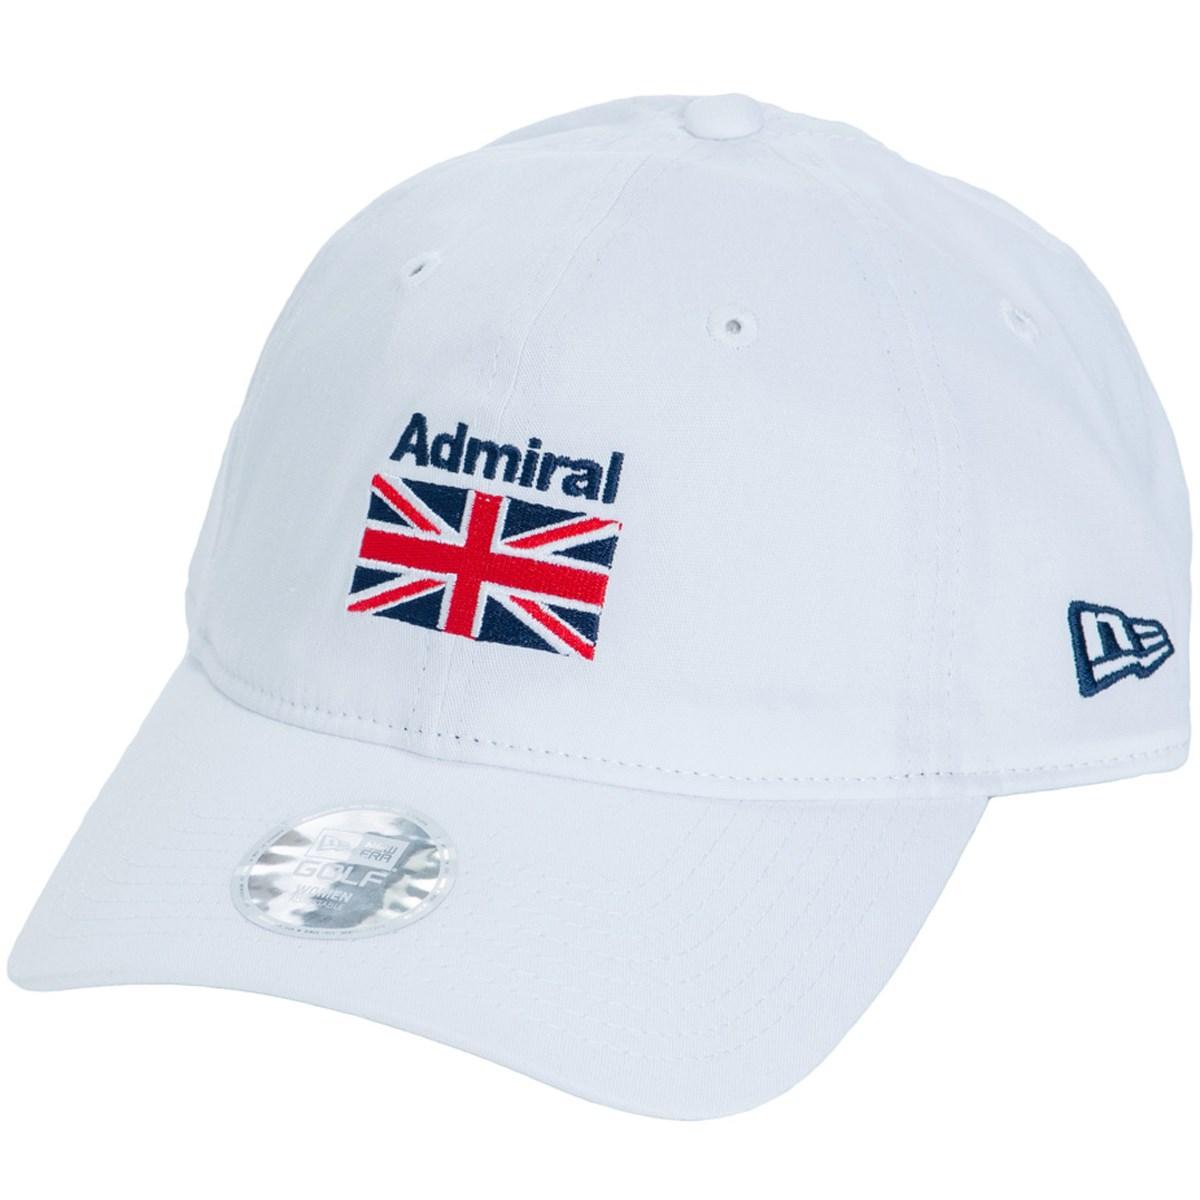 アドミラル Admiral ニューエラコラボキャップ フリー ホワイト 00 レディス